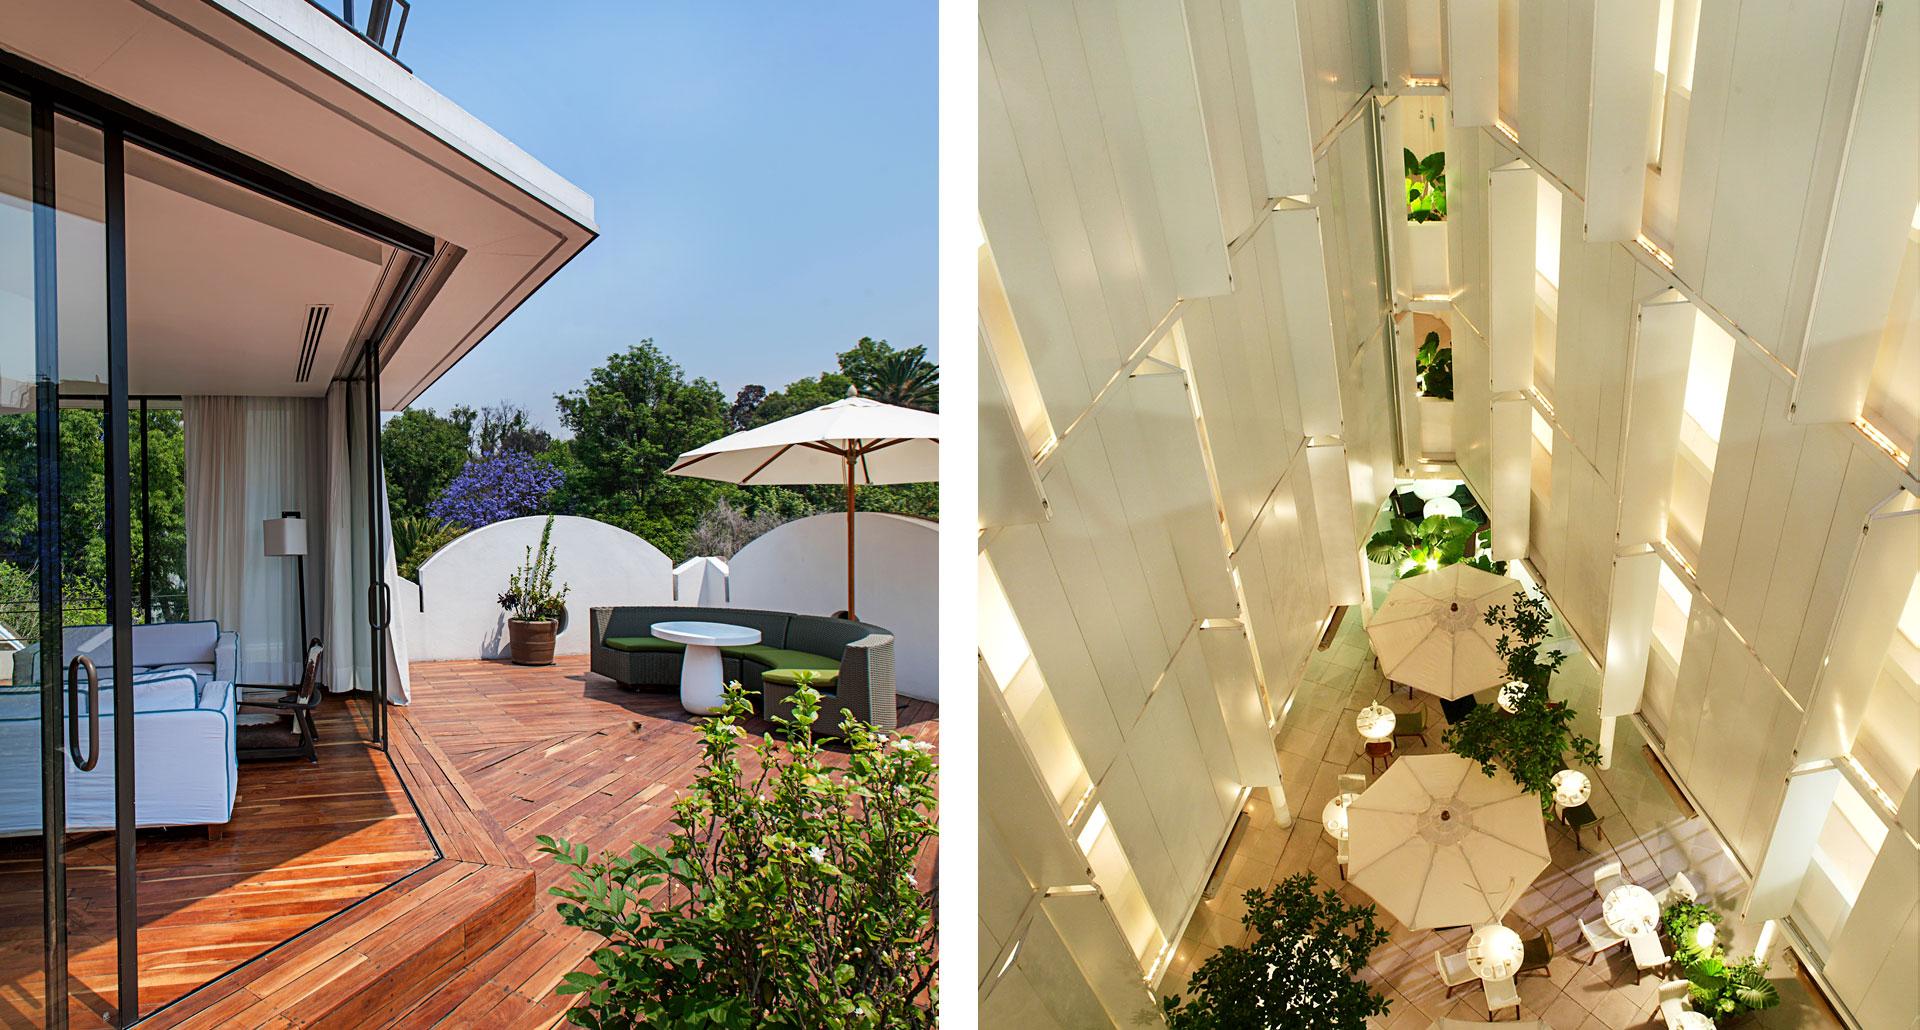 Condesa DF - boutique hotel in Mexico City